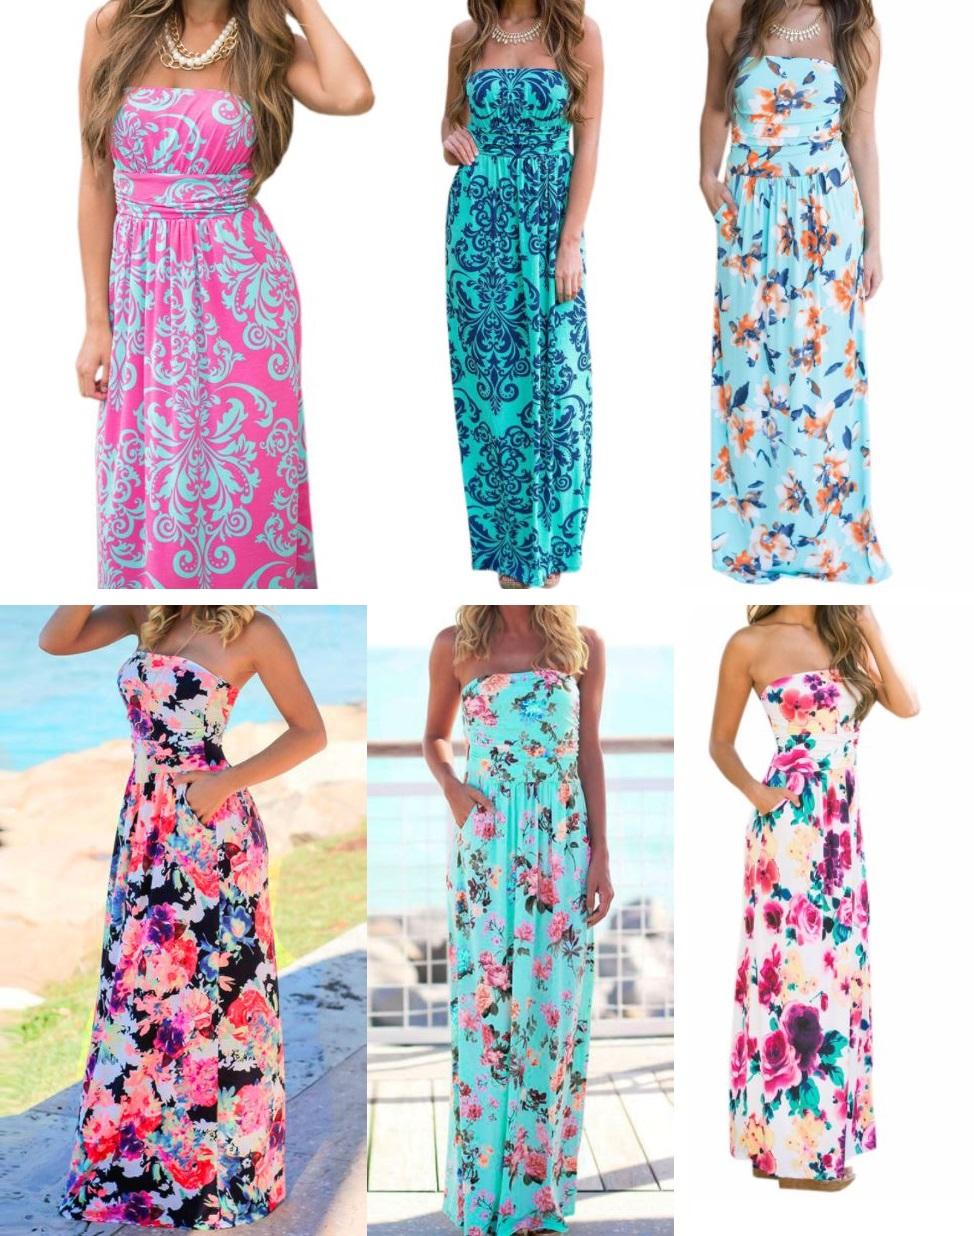 d4d60978f8ef BAREVNÉ letní dámské šaty